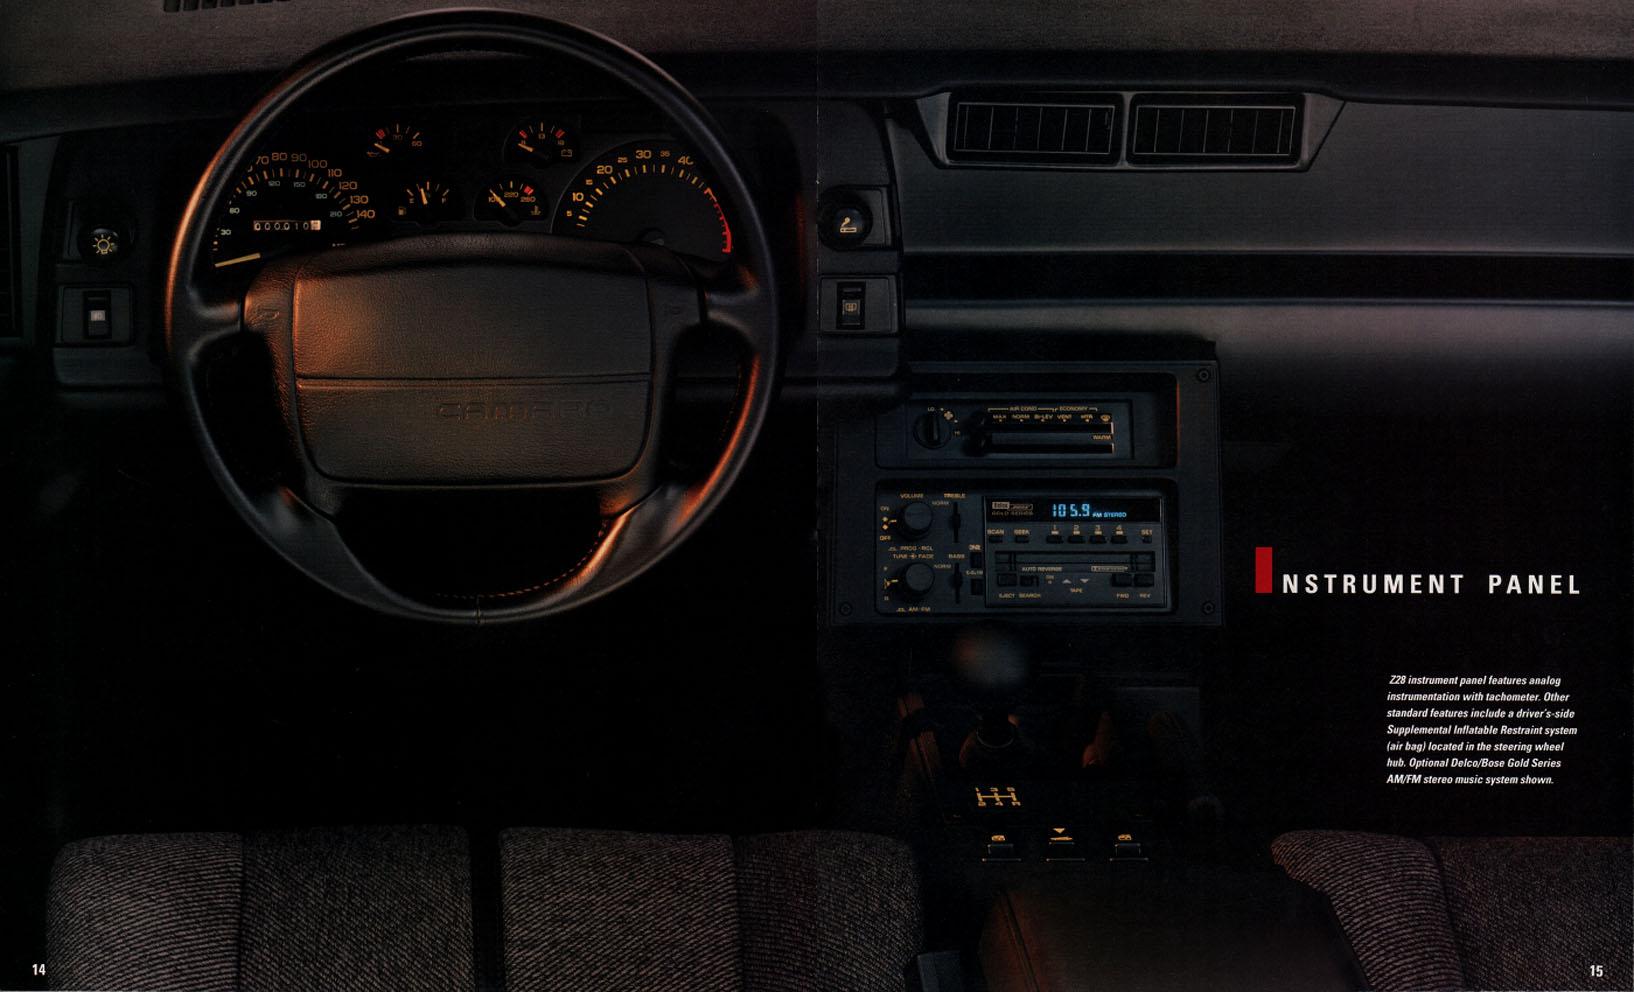 1991 Camaro OEM Brochure (11)